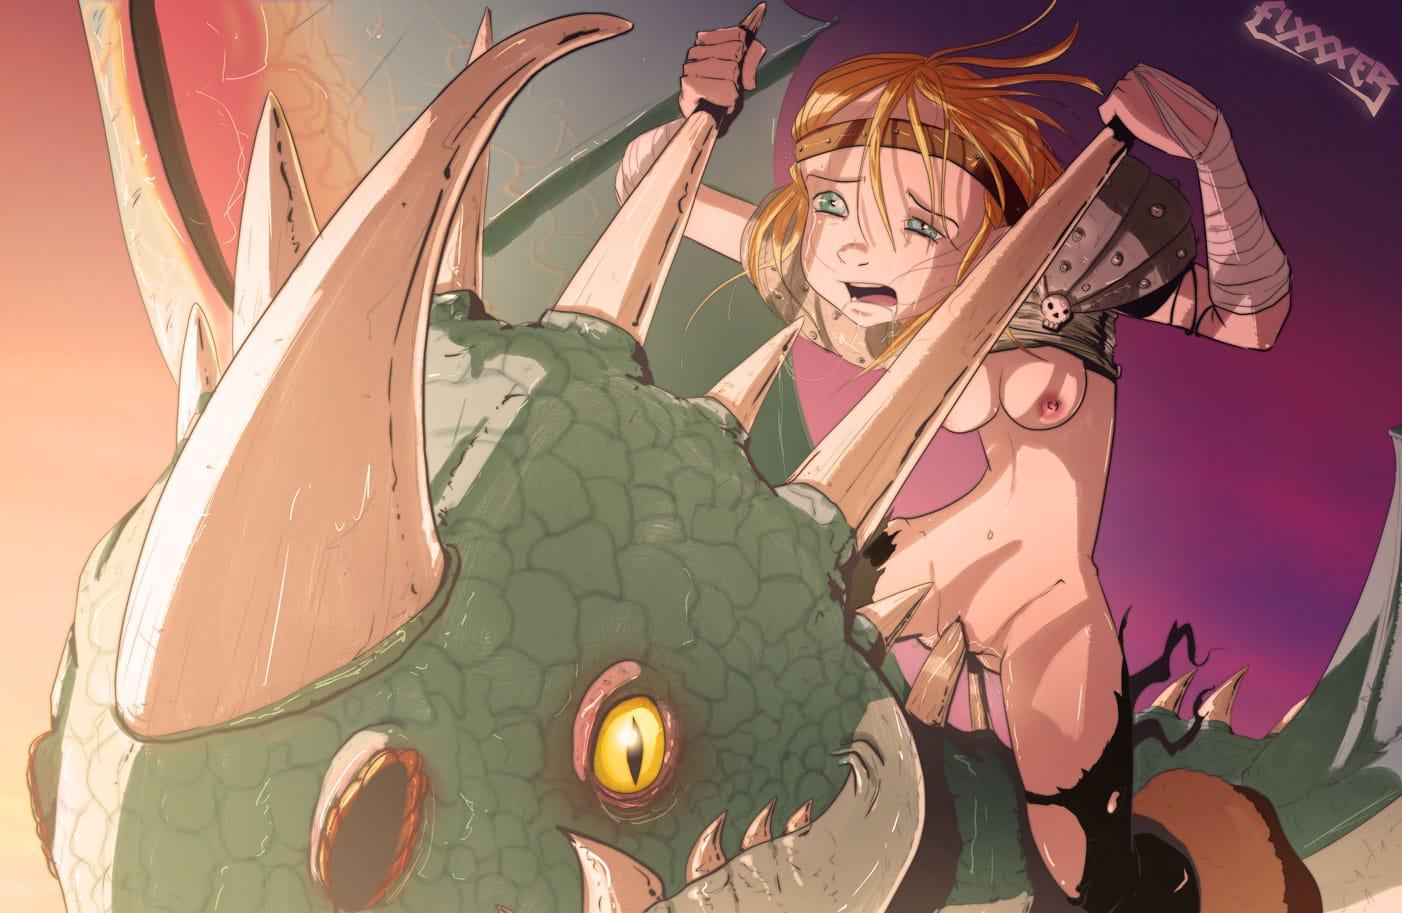 Смотреть порно астрид, Порно комикс Как приручить дракона Западня для Астрид 26 фотография